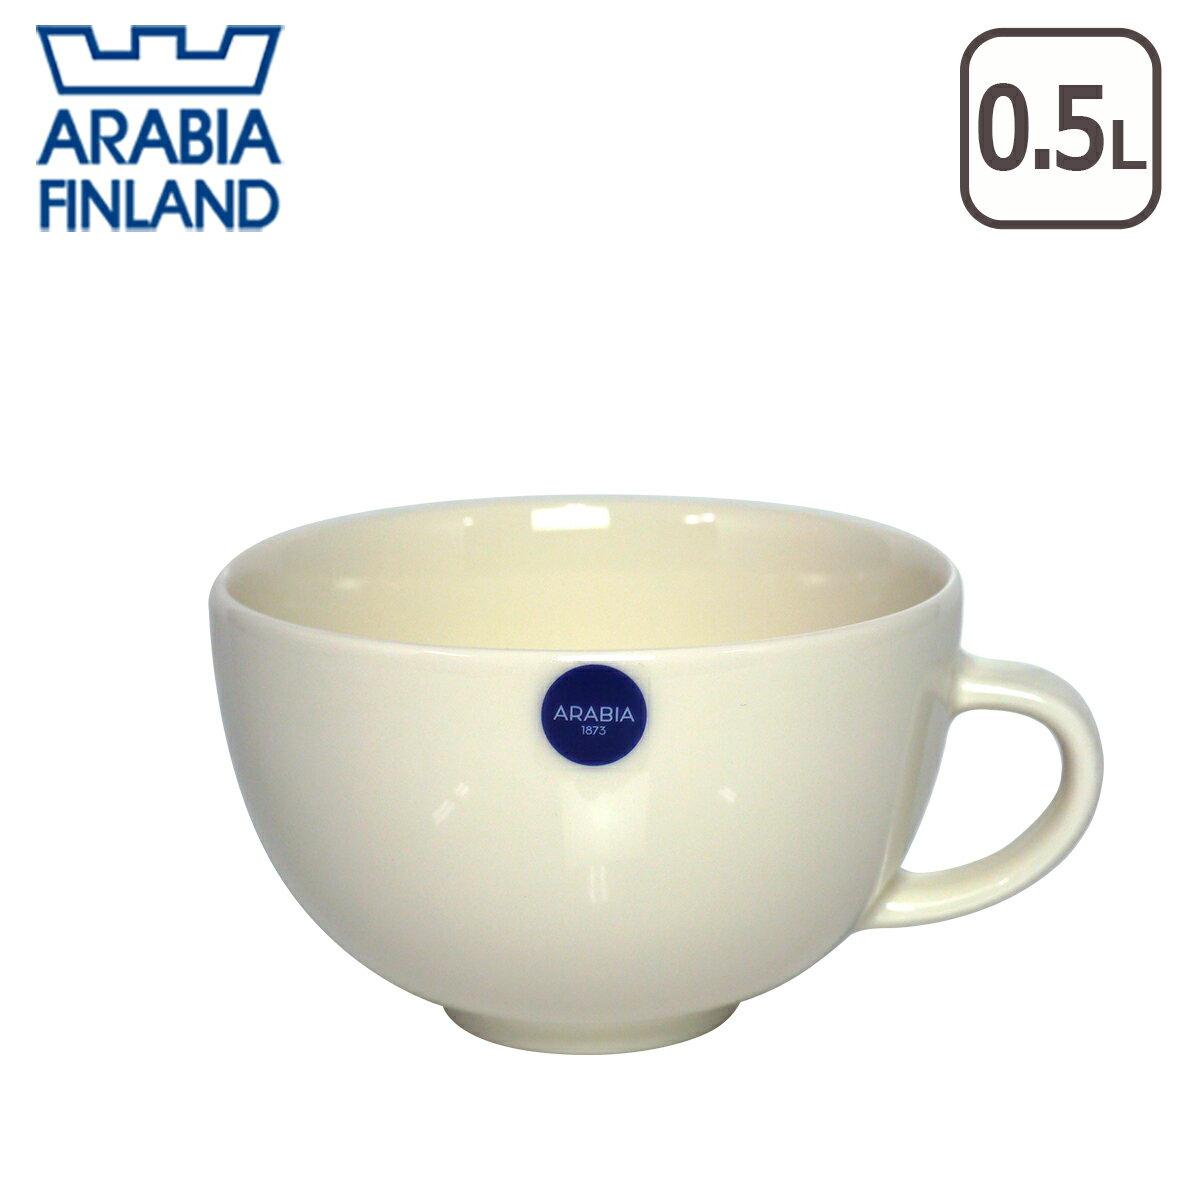 【4時間5%OFFクーポン】アラビア(Arabia) 24h 0.5Lカップ ホワイト Arabia 北欧 食器